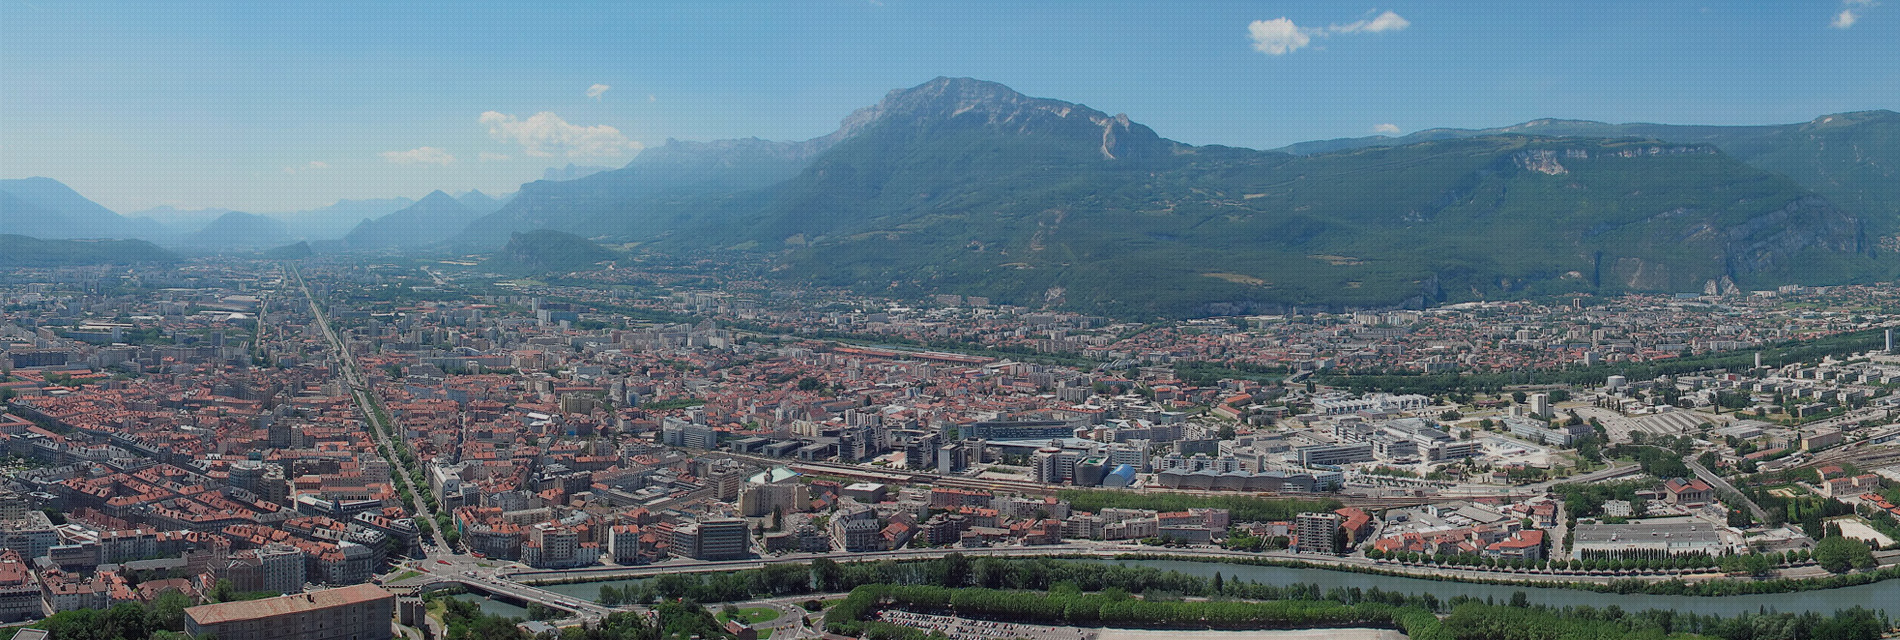 Réservez votre chauffeur à Grenoble et ses alentours | Pickmecab